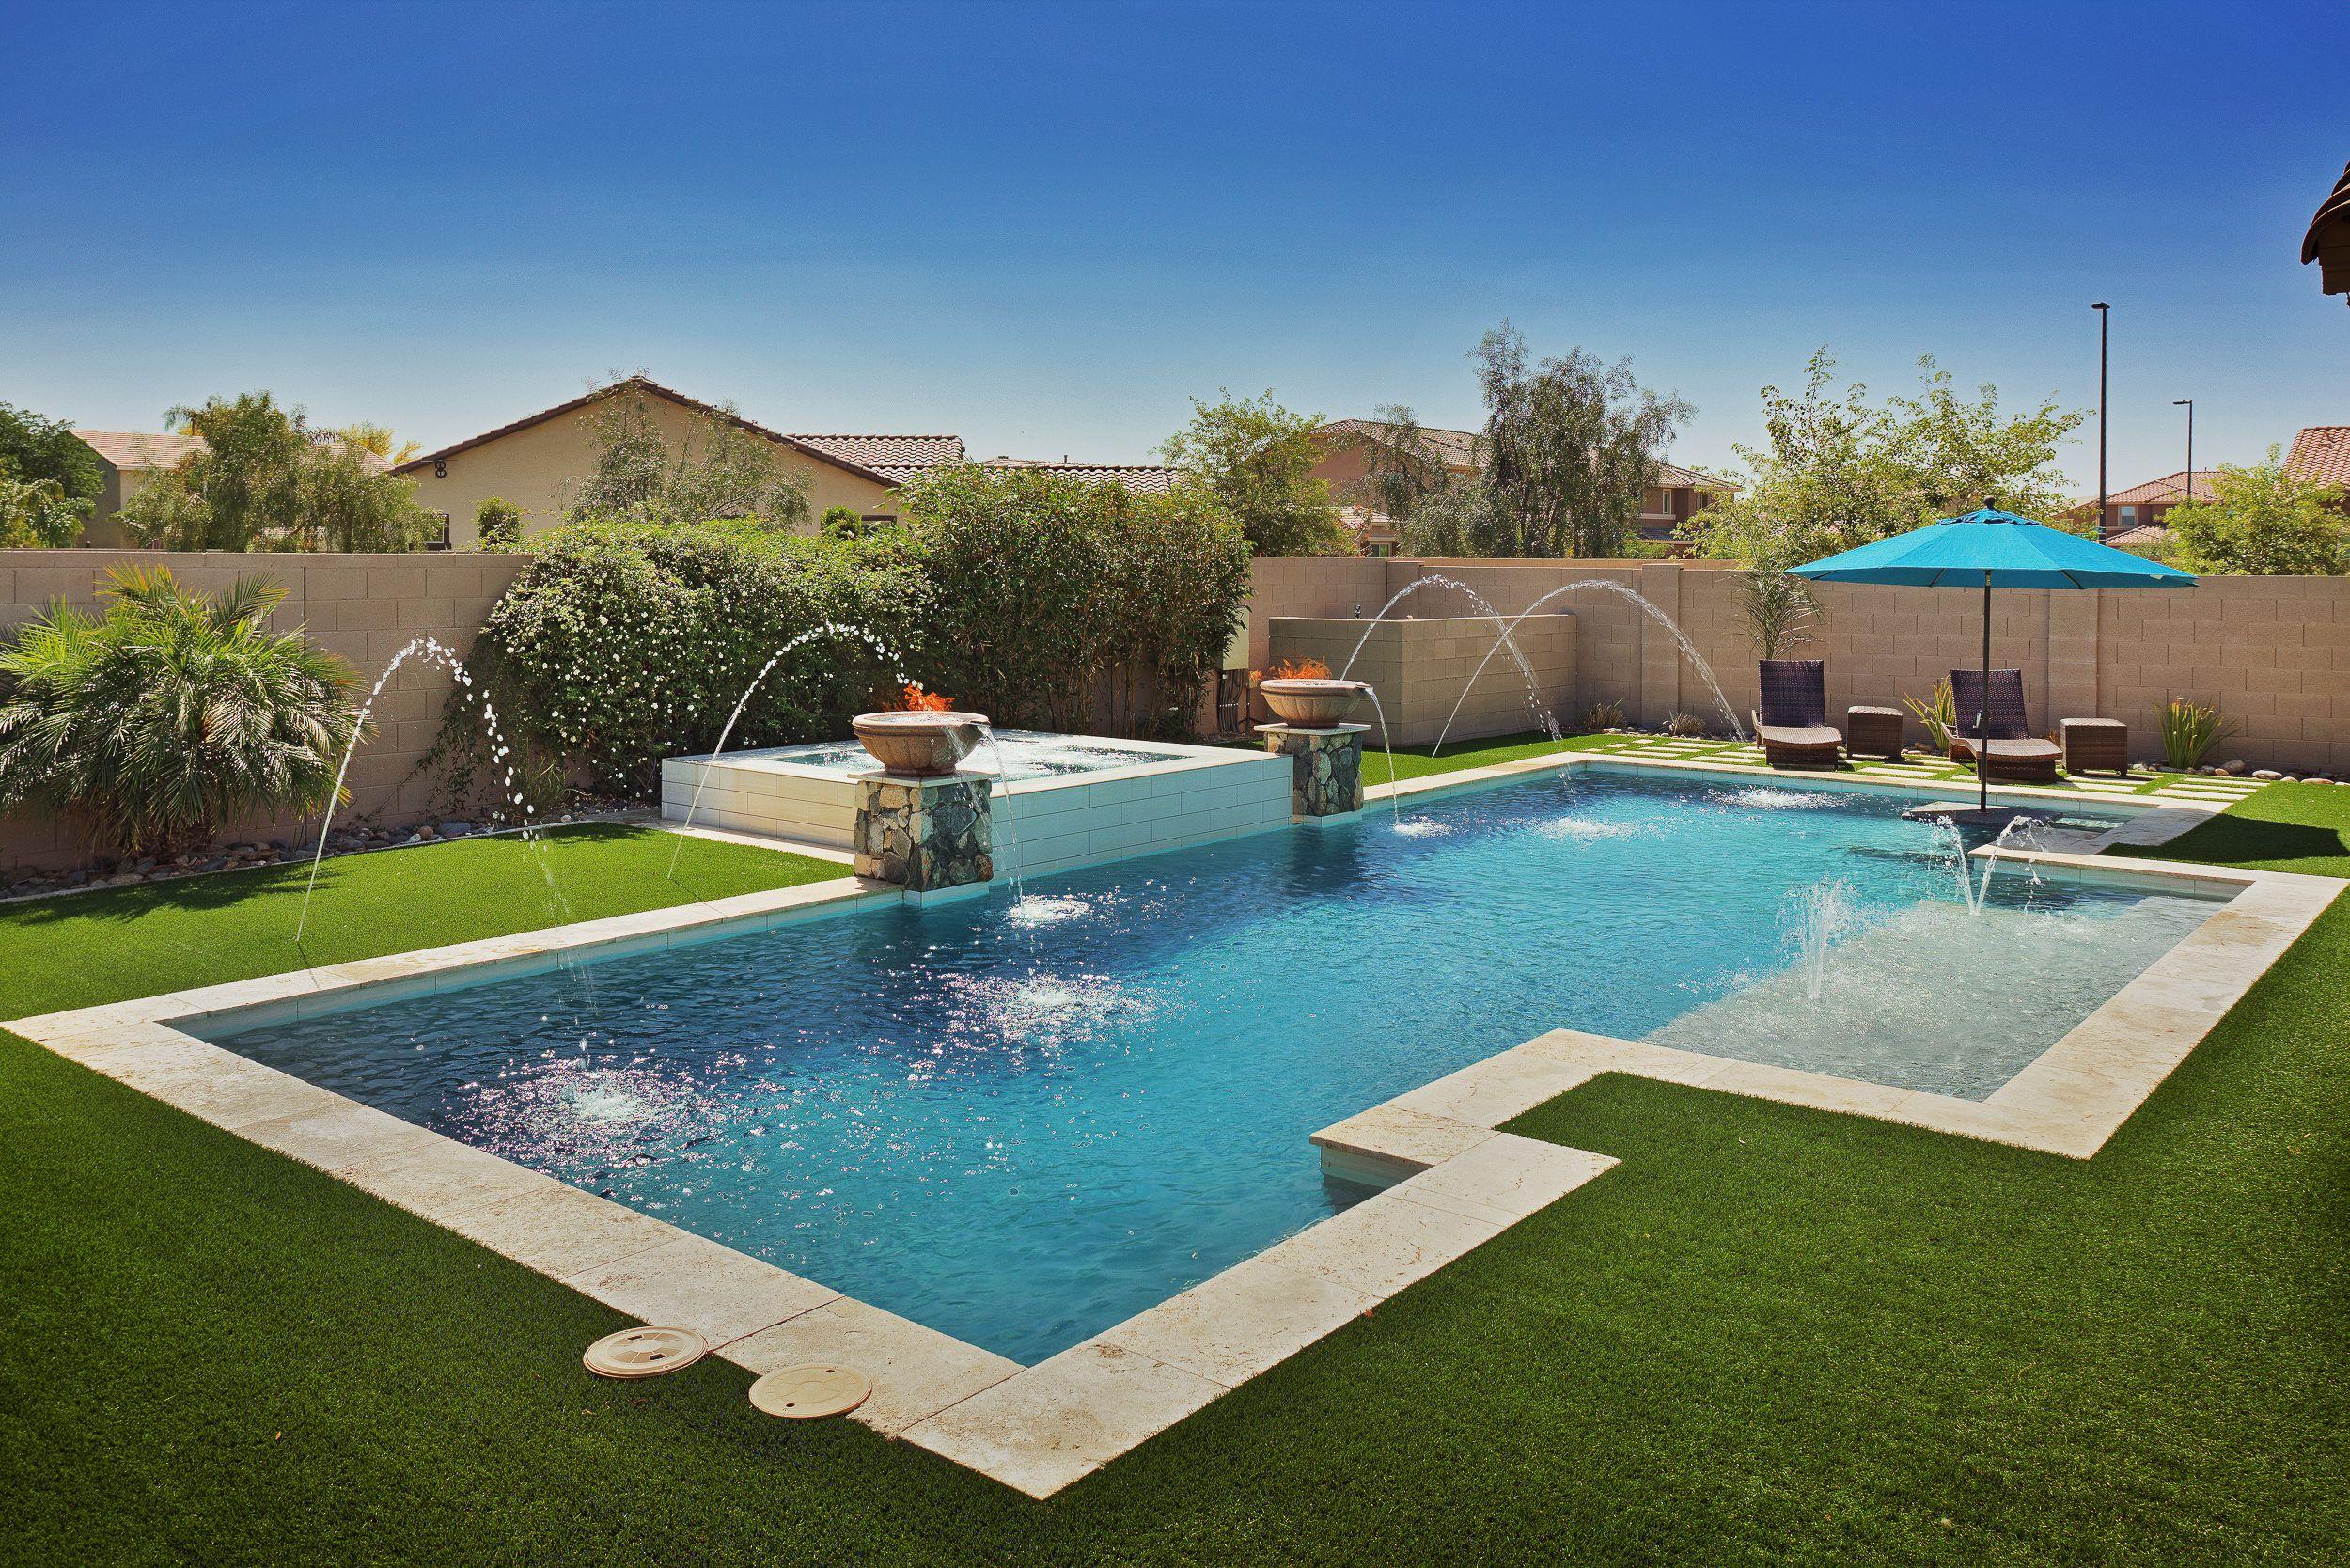 Pp041718 049 Jpg Swimming Pool Galleries Pool Designs Presidential Pools